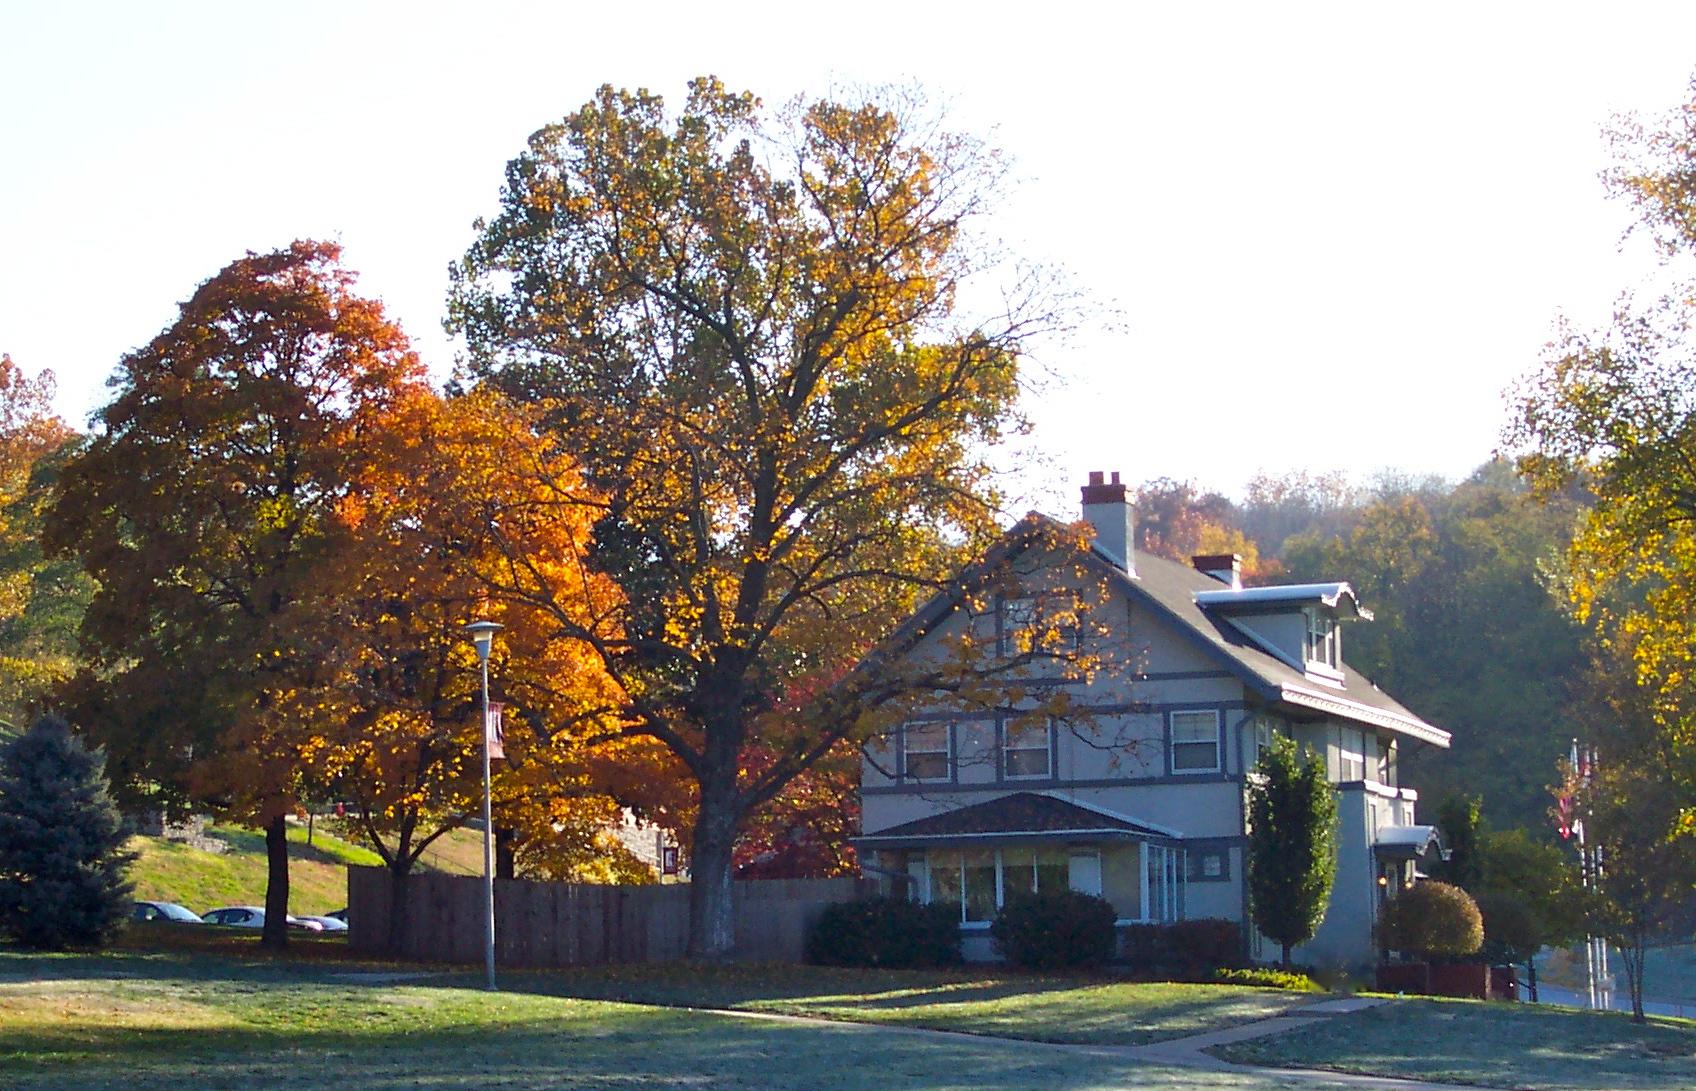 Park University White House Southwest side